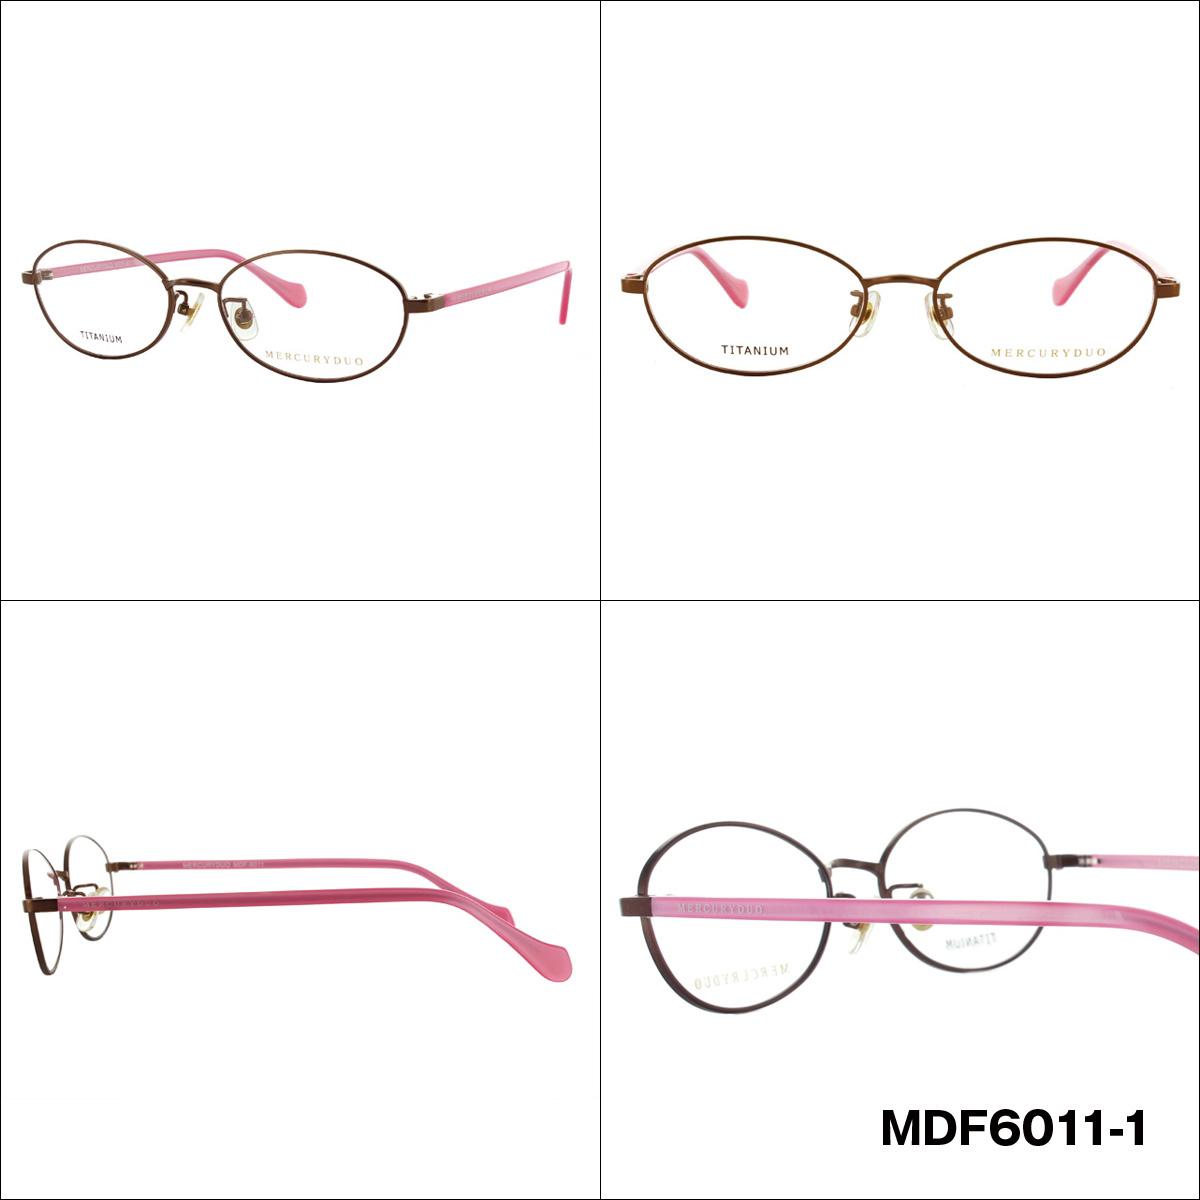 マーキュリーデュオ メガネ フレーム 0円レンズ対象 MDF6011-1/MDF6011-2/MDF6011-3/MDF6011-4 アジアンフィット レディース アイウェア